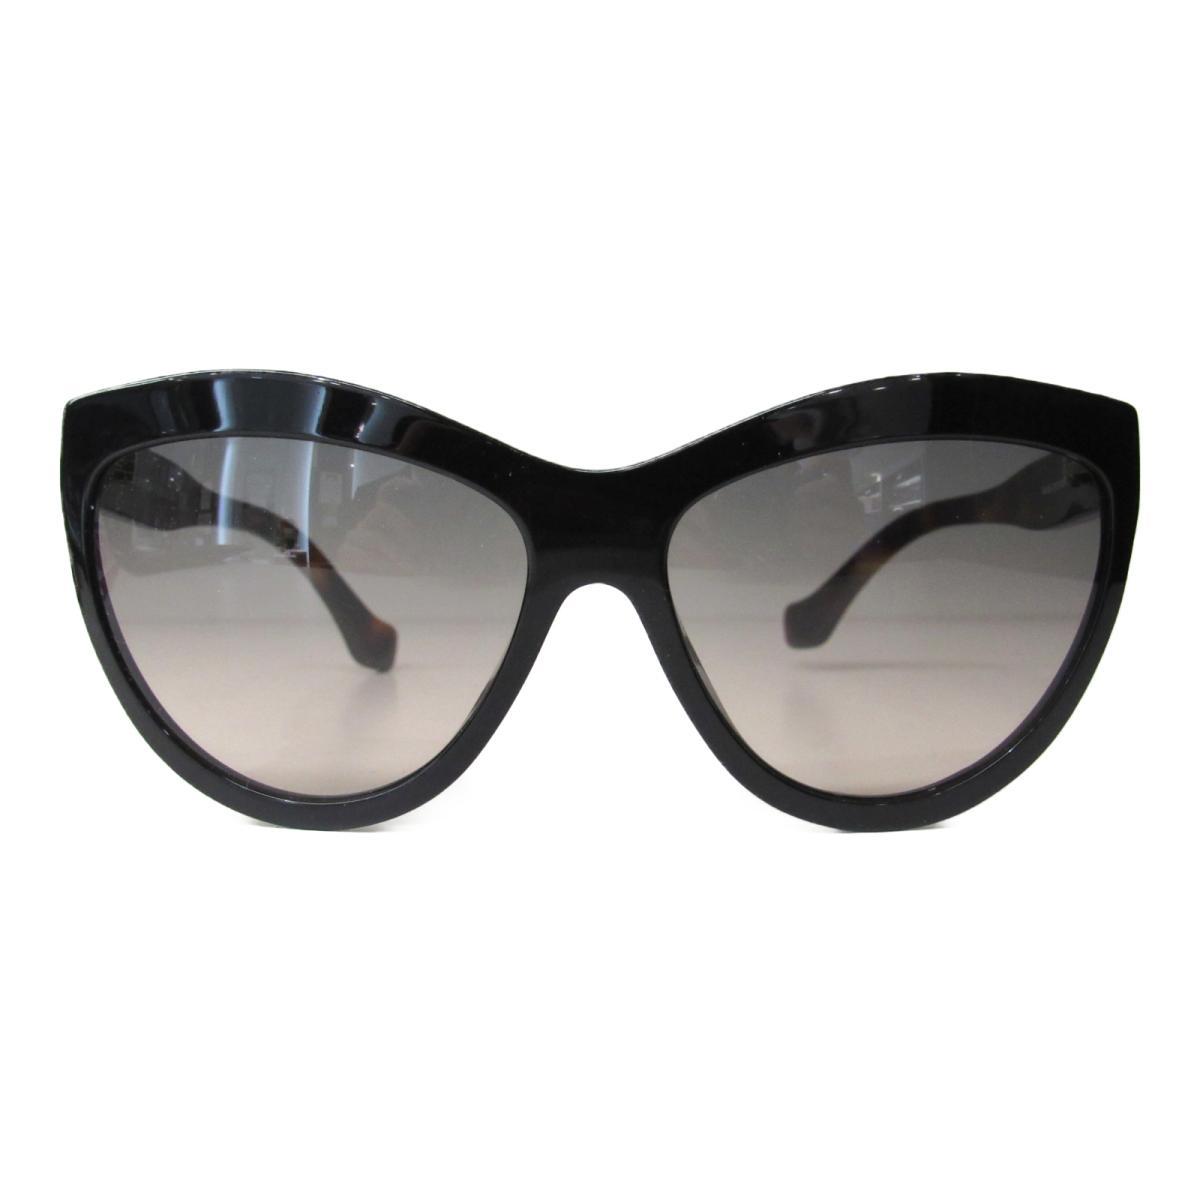 【中古】 バレンシアガ サングラス メンズ レディース プラスチック ブラウン x ブラック (60□16)   BALENCIAGA サングラス サングラス 美品 ブランドオフ BRANDOFF